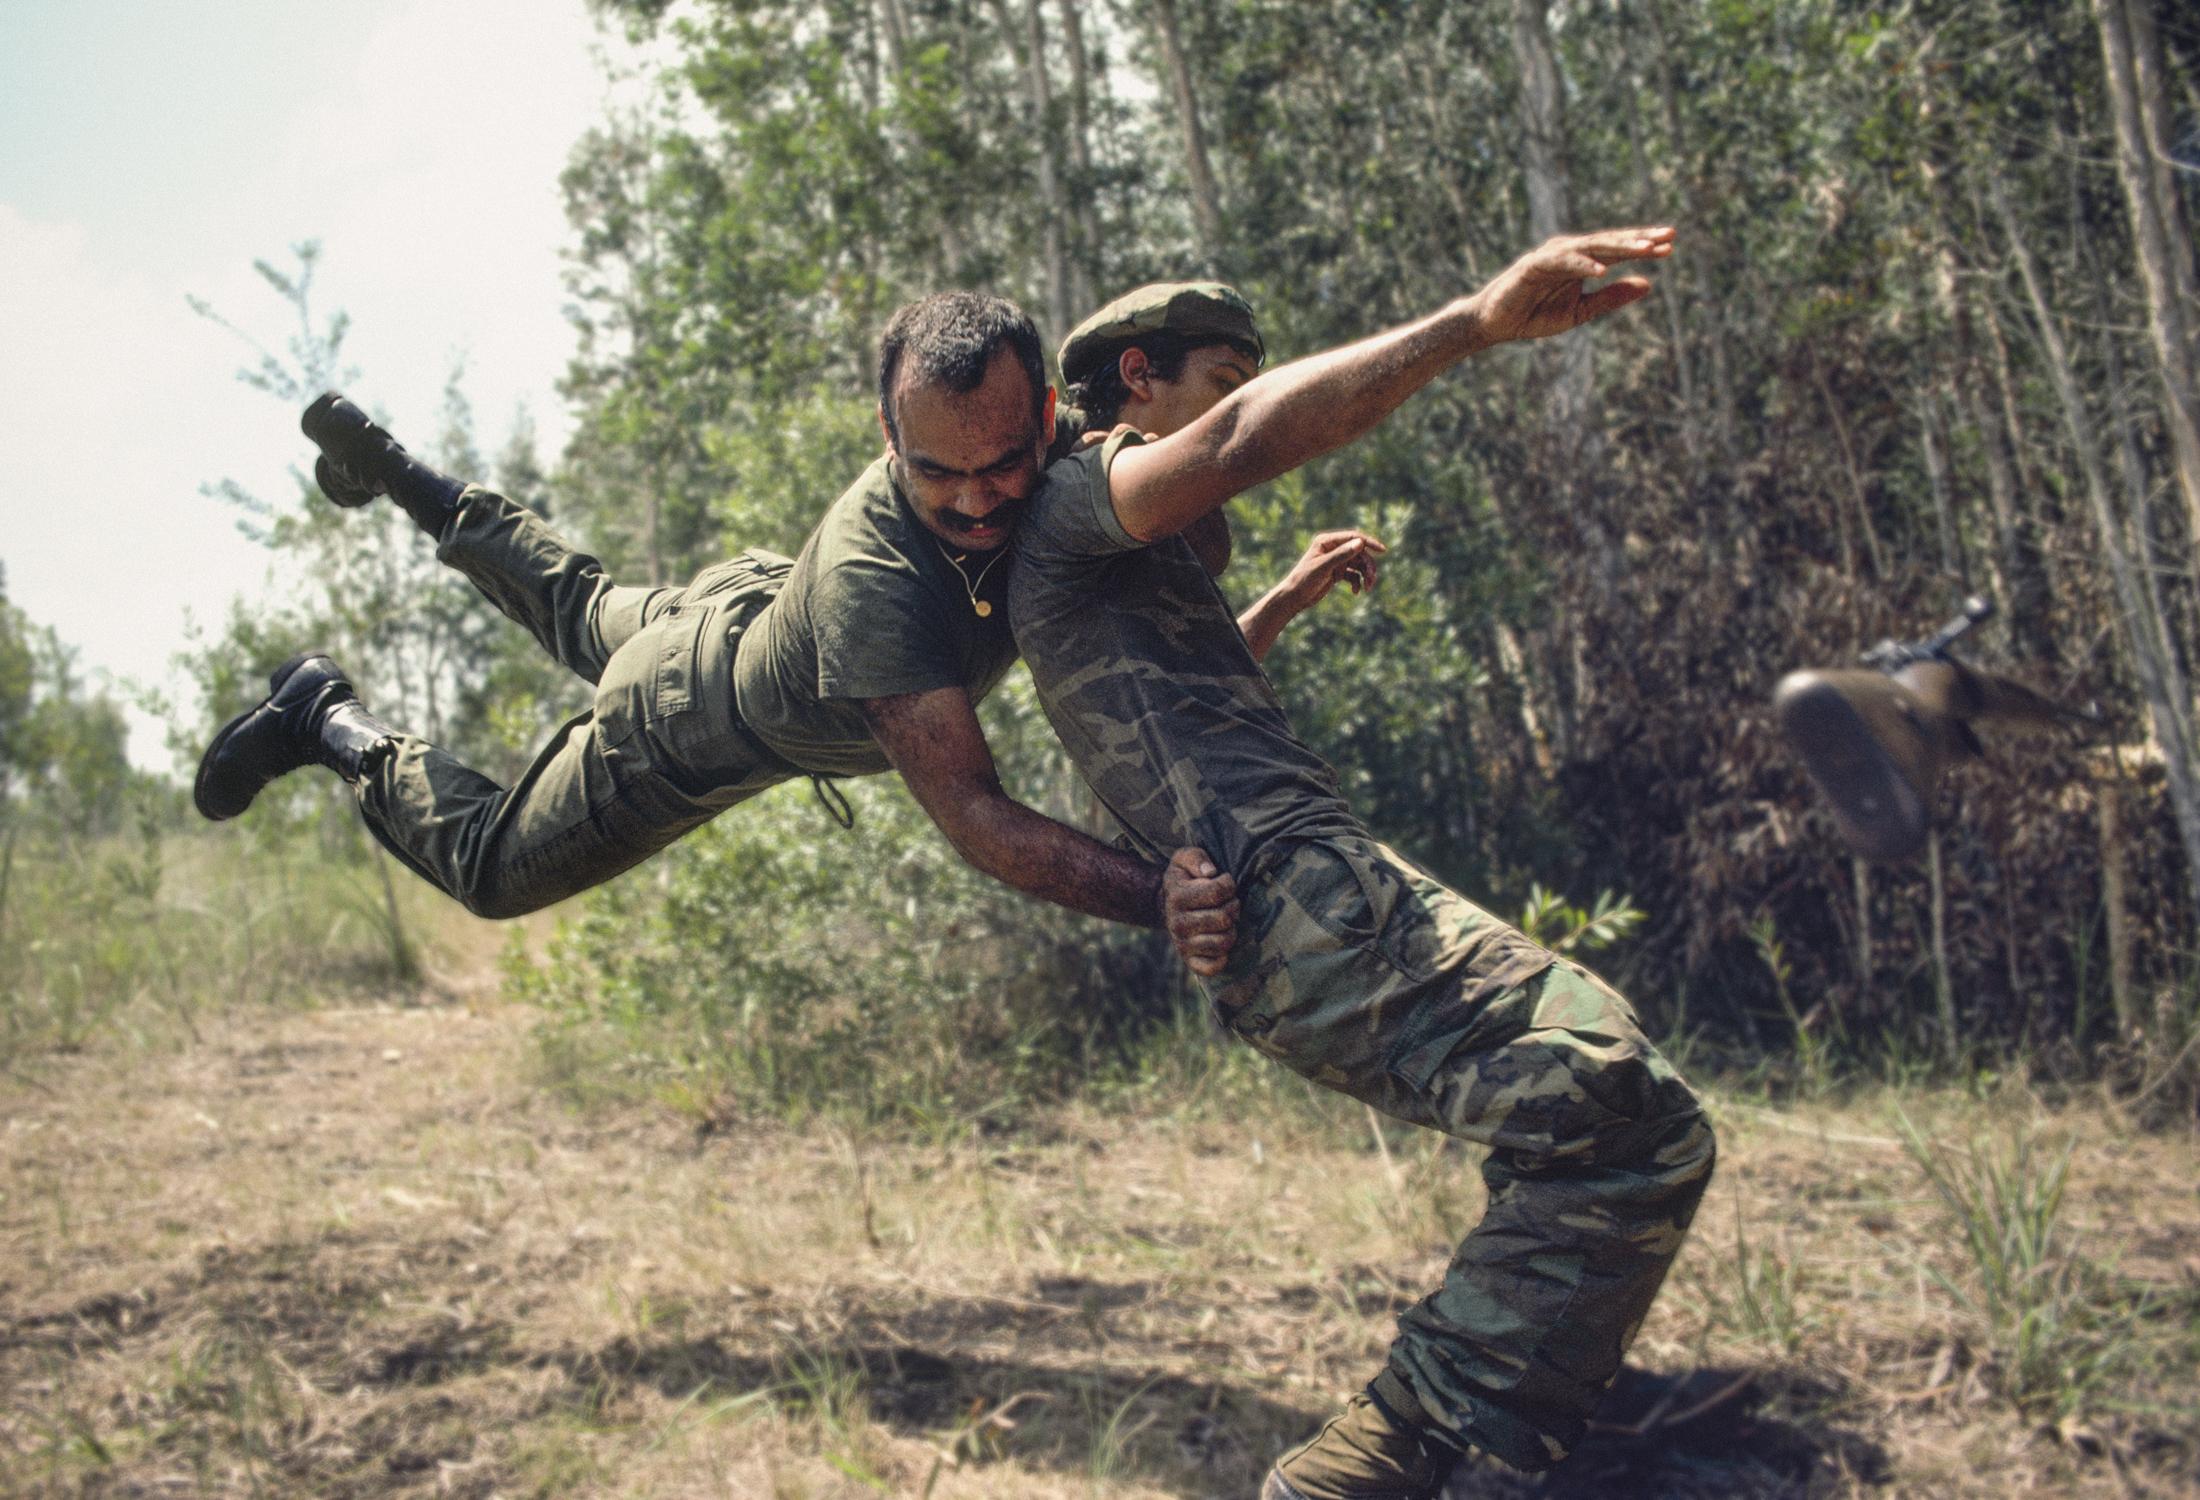 Anti-Castro commando guerrilla drill | Simulacro de guerrilla de comando anticastrista, West Miami